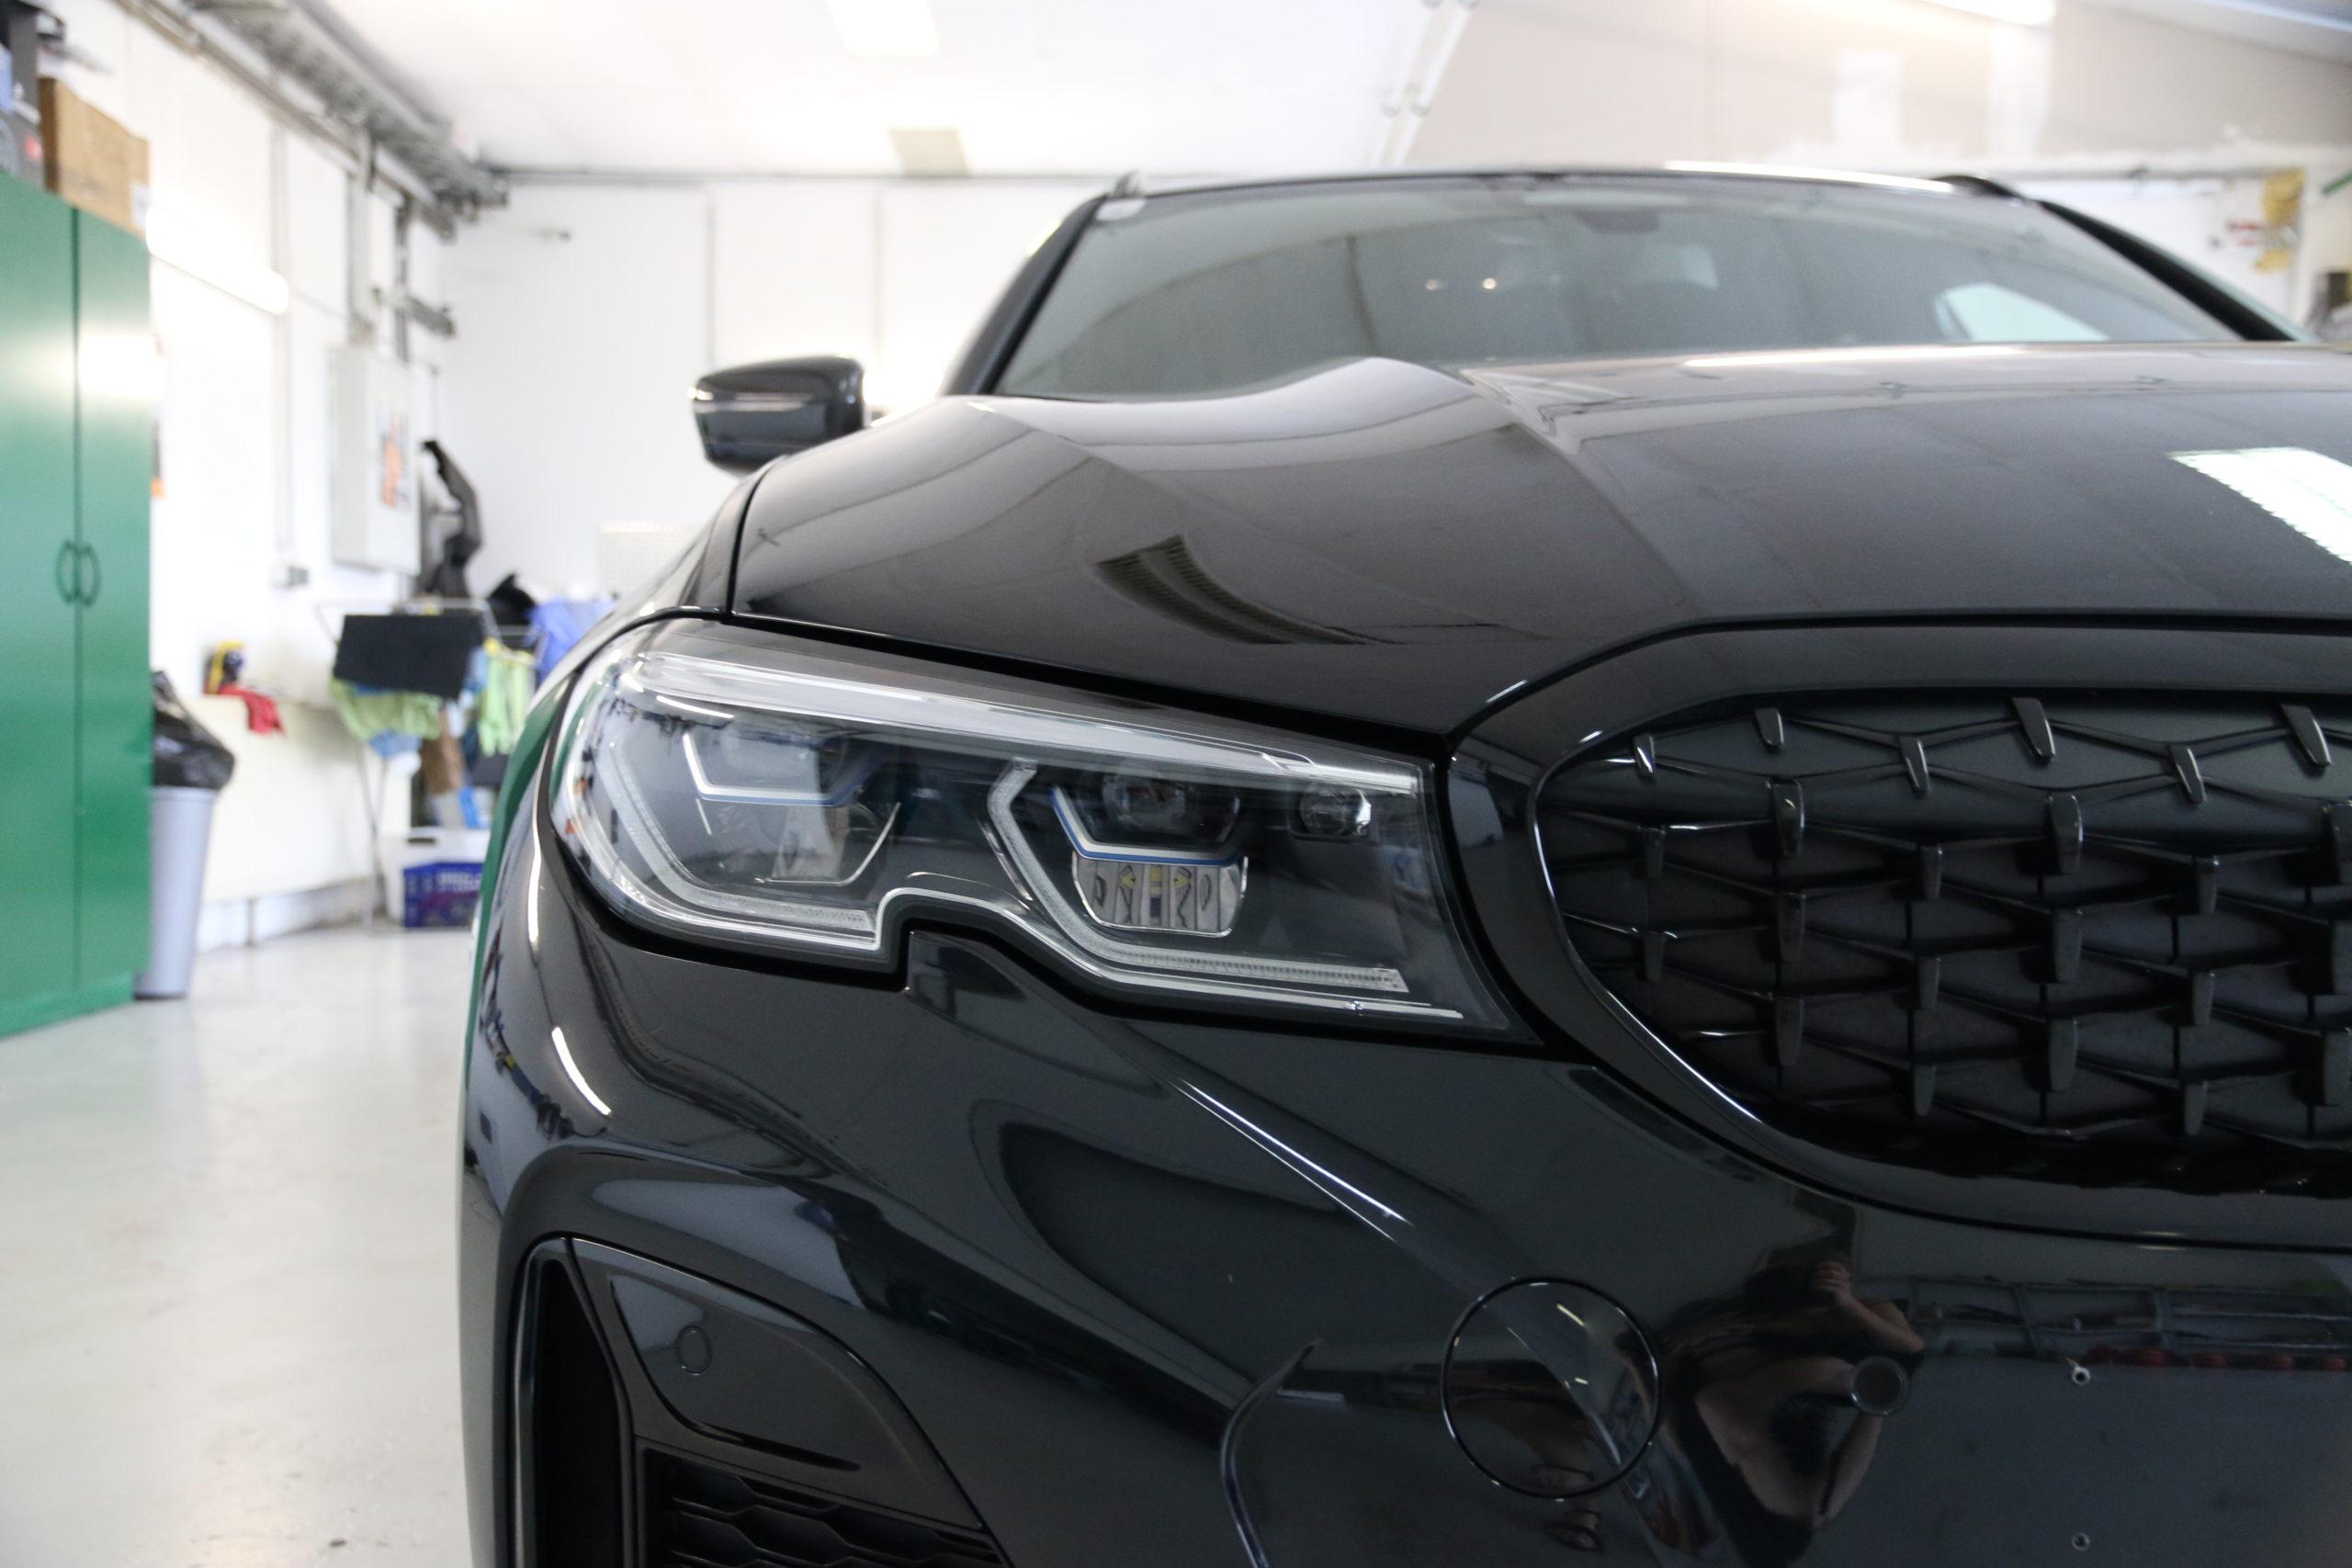 BMW M3 Front nach Versiegelung, Scheinwerfer